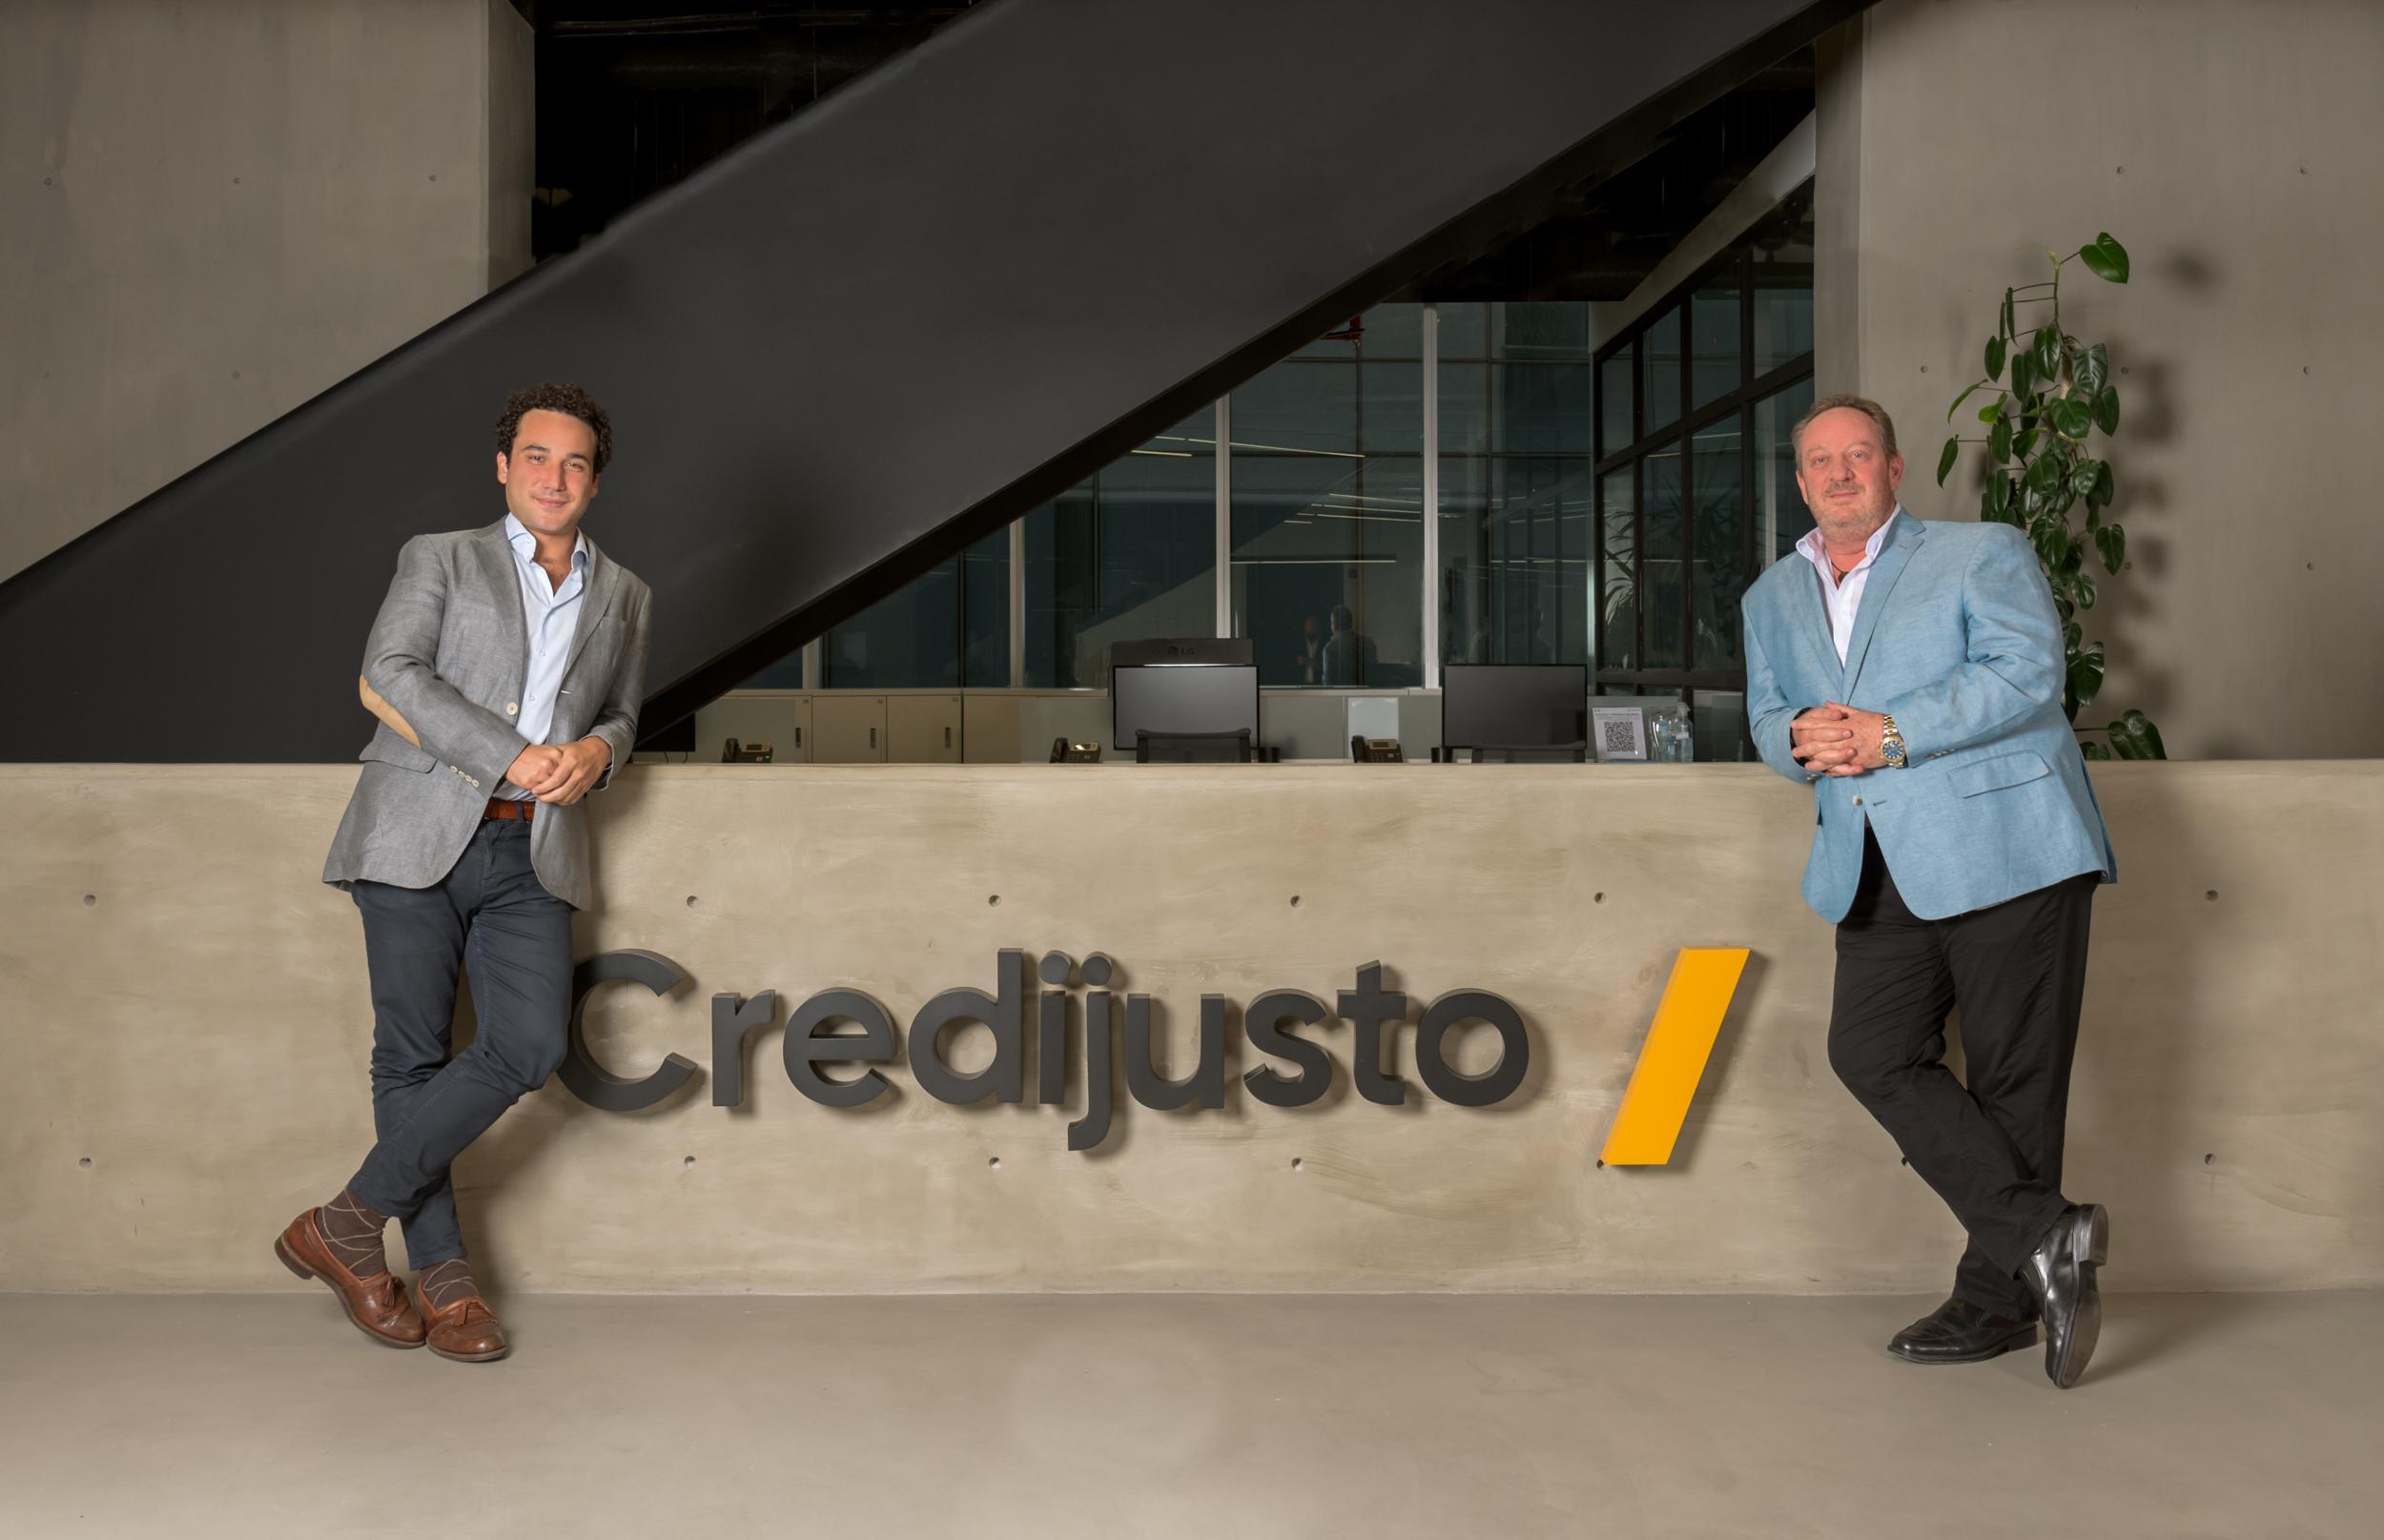 Credijusto y Startup México impulsarán a empresarios